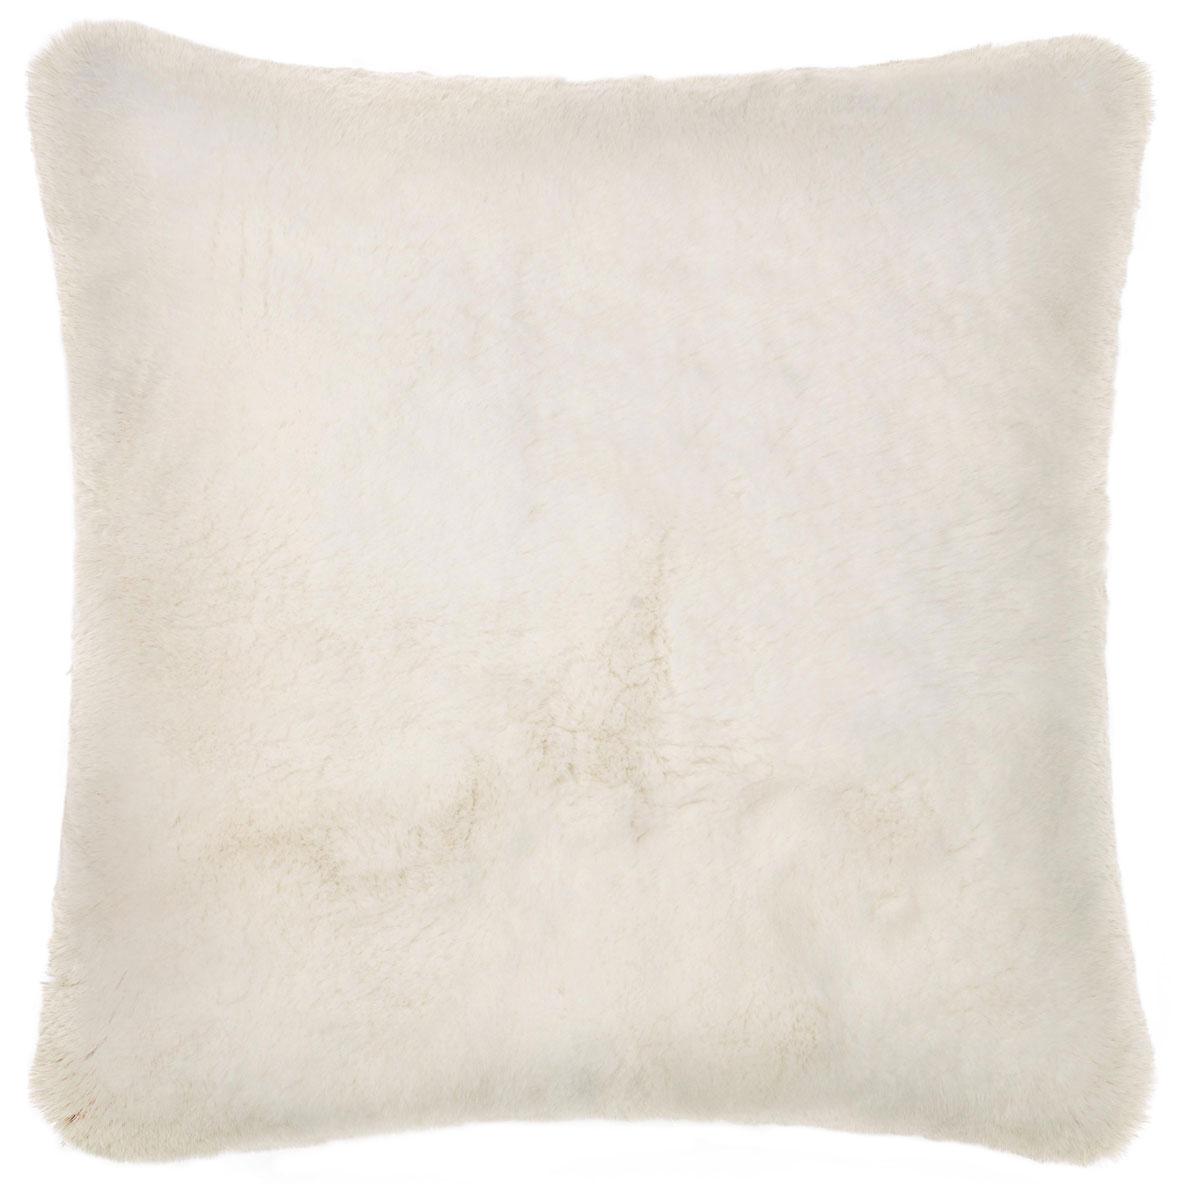 Подушка декоративная Togas Фостер, цвет: белый, 40 х 40 смS03301004Декоративная подушка Фостер. Цвет: белый.Состав: 100% мех рекс, замша. Комплектация: декоративная наволочка - 1, подушка - 1. Размер: 40 x 40 см. Уход: не стирать, не отбеливать, не гладить, сухая чистка, не сушить.